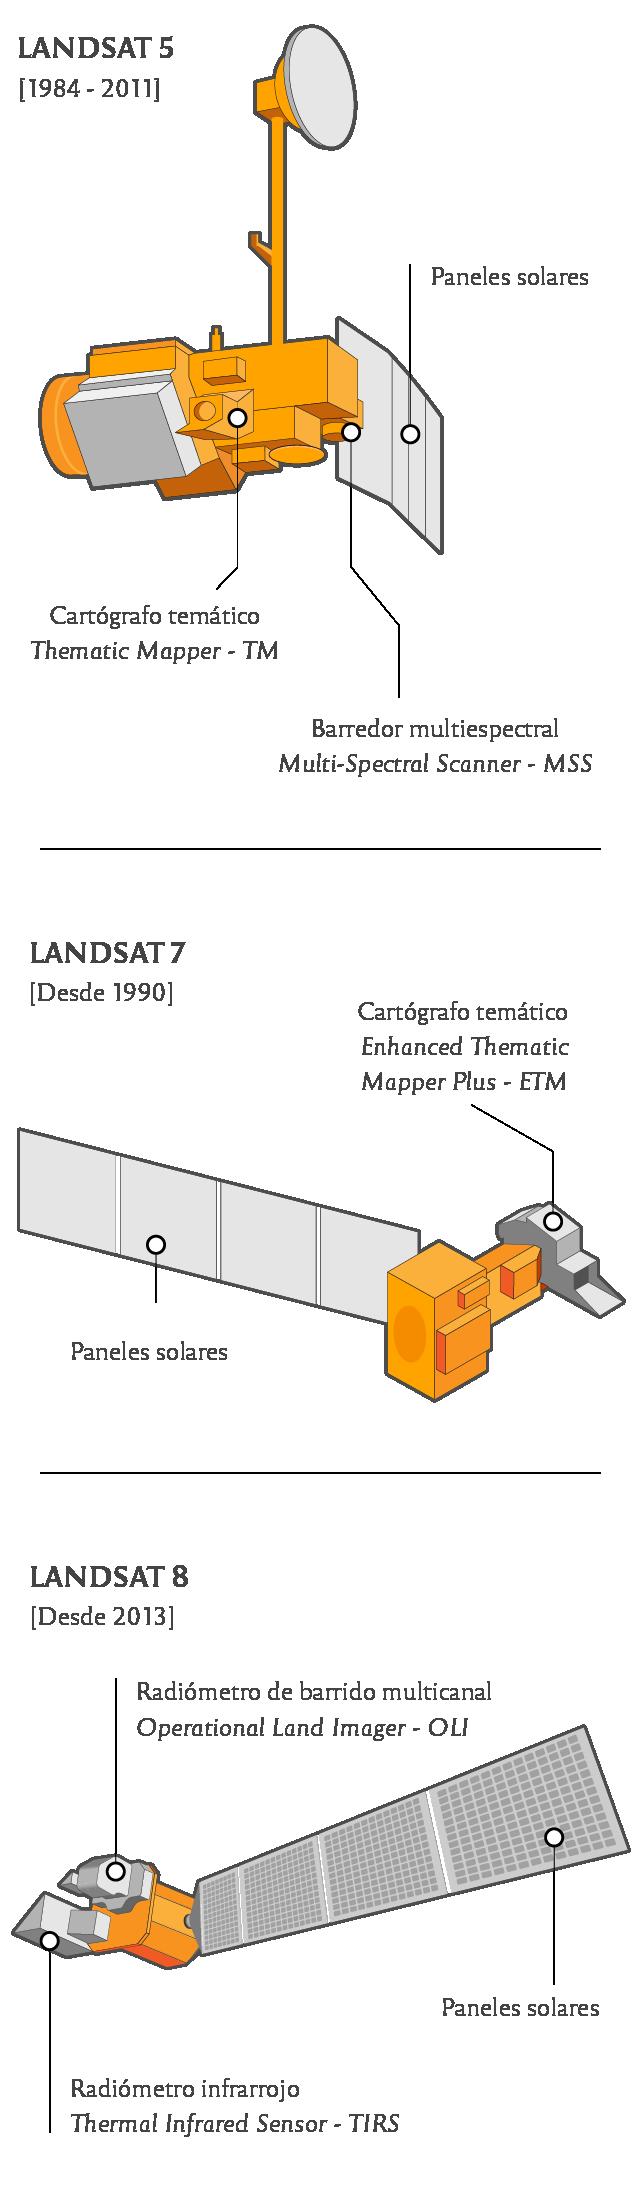 Satélites del programa Landsat usados para elaborar la cartografía histórica de incendios en Córdoba